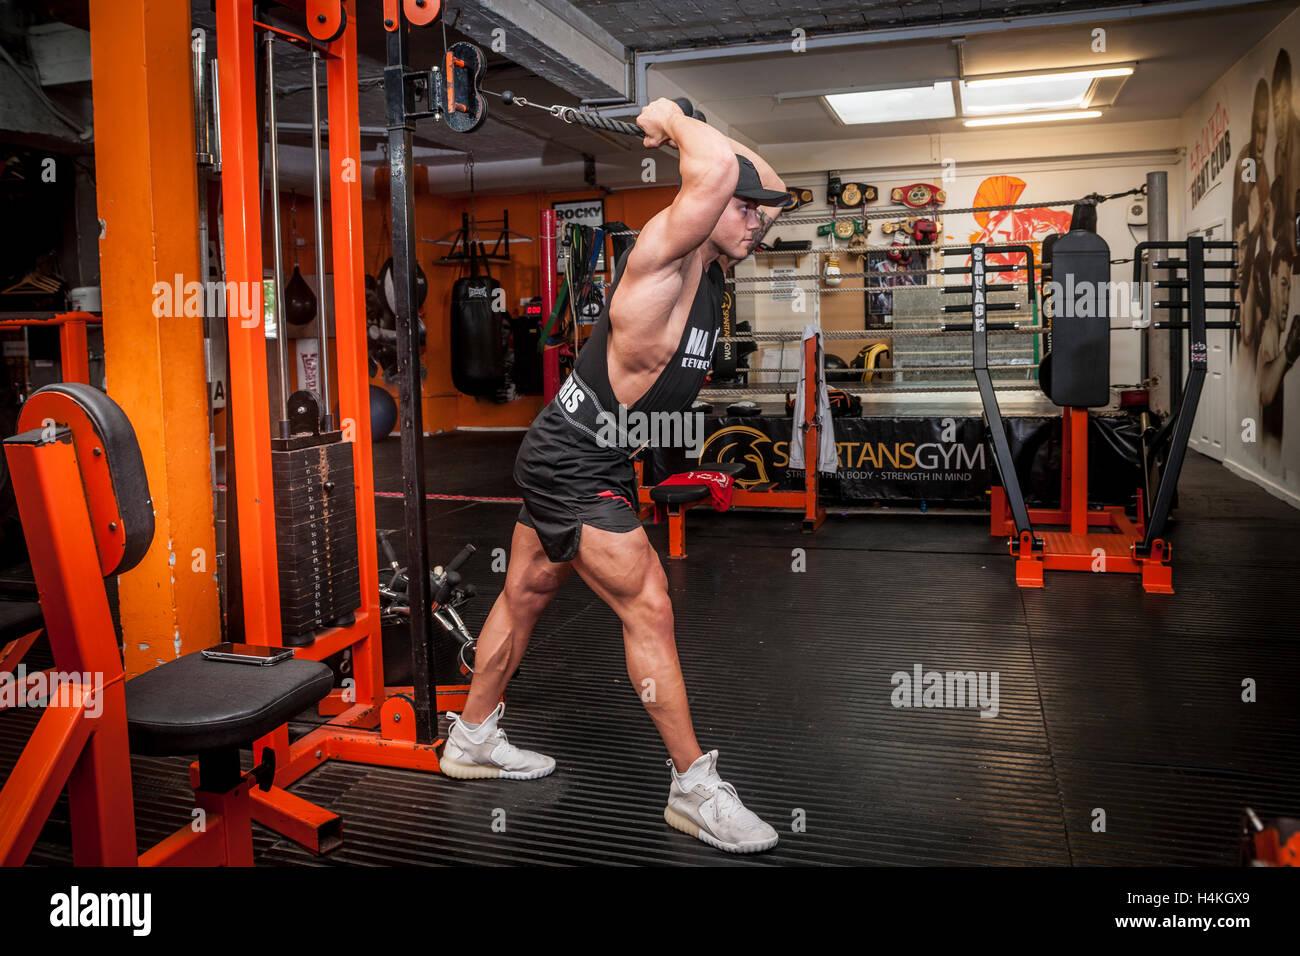 Culturista ejercicio en el gimnasio. Imagen De Stock